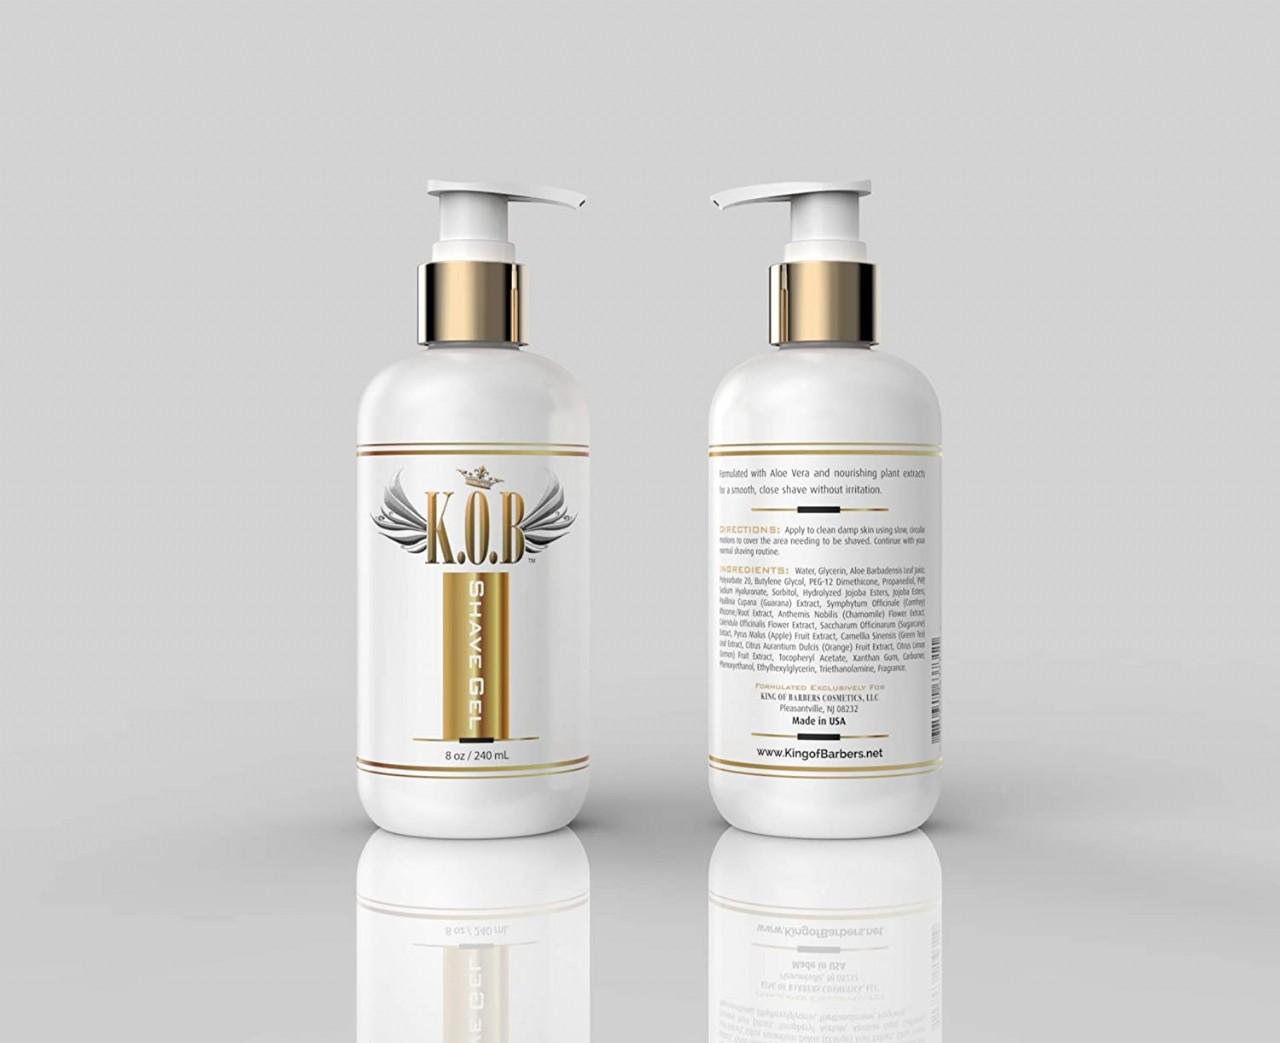 K.O.B. Premium Shaving Gel For Men & Women (8 oz/240 ml) Hydrating & Moisturizing Shave Gel